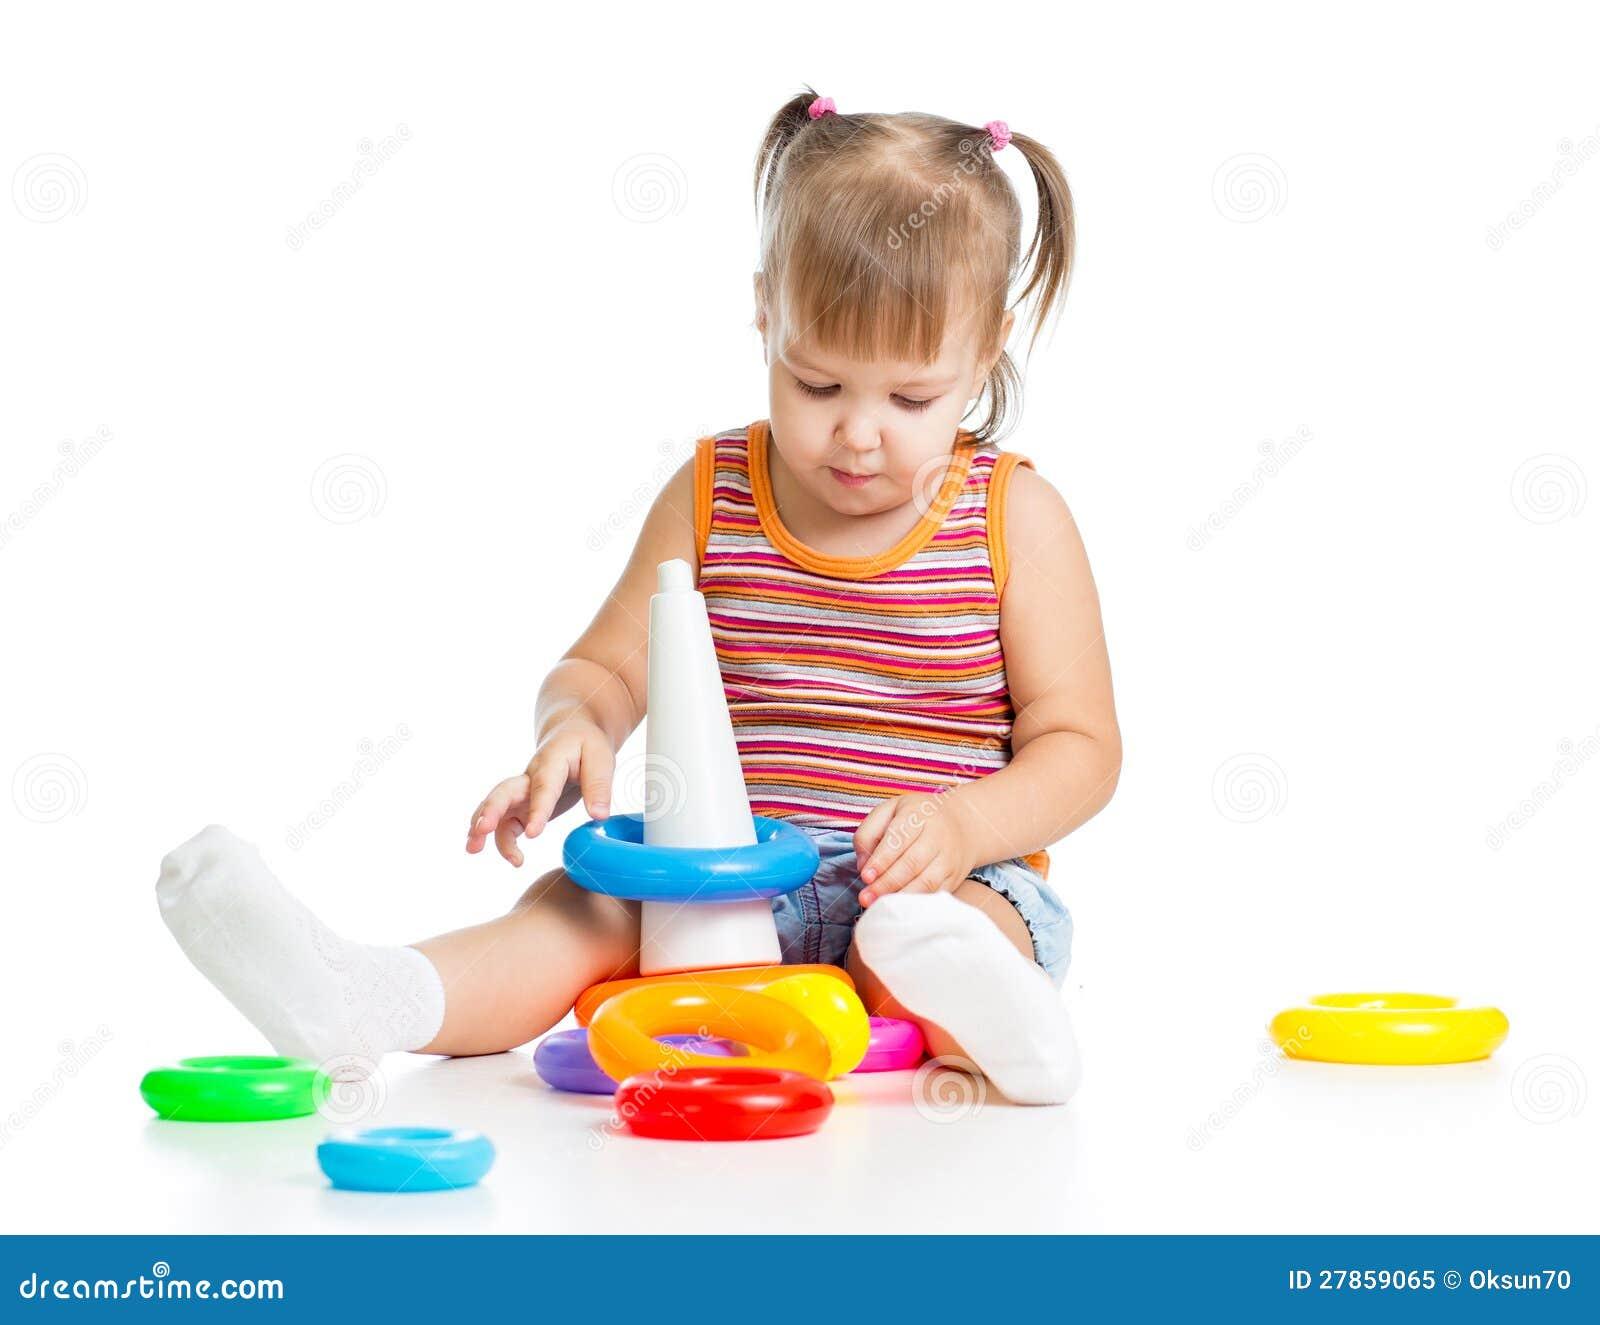 Małe dziecko bawić się z kolorowymi zabawkami